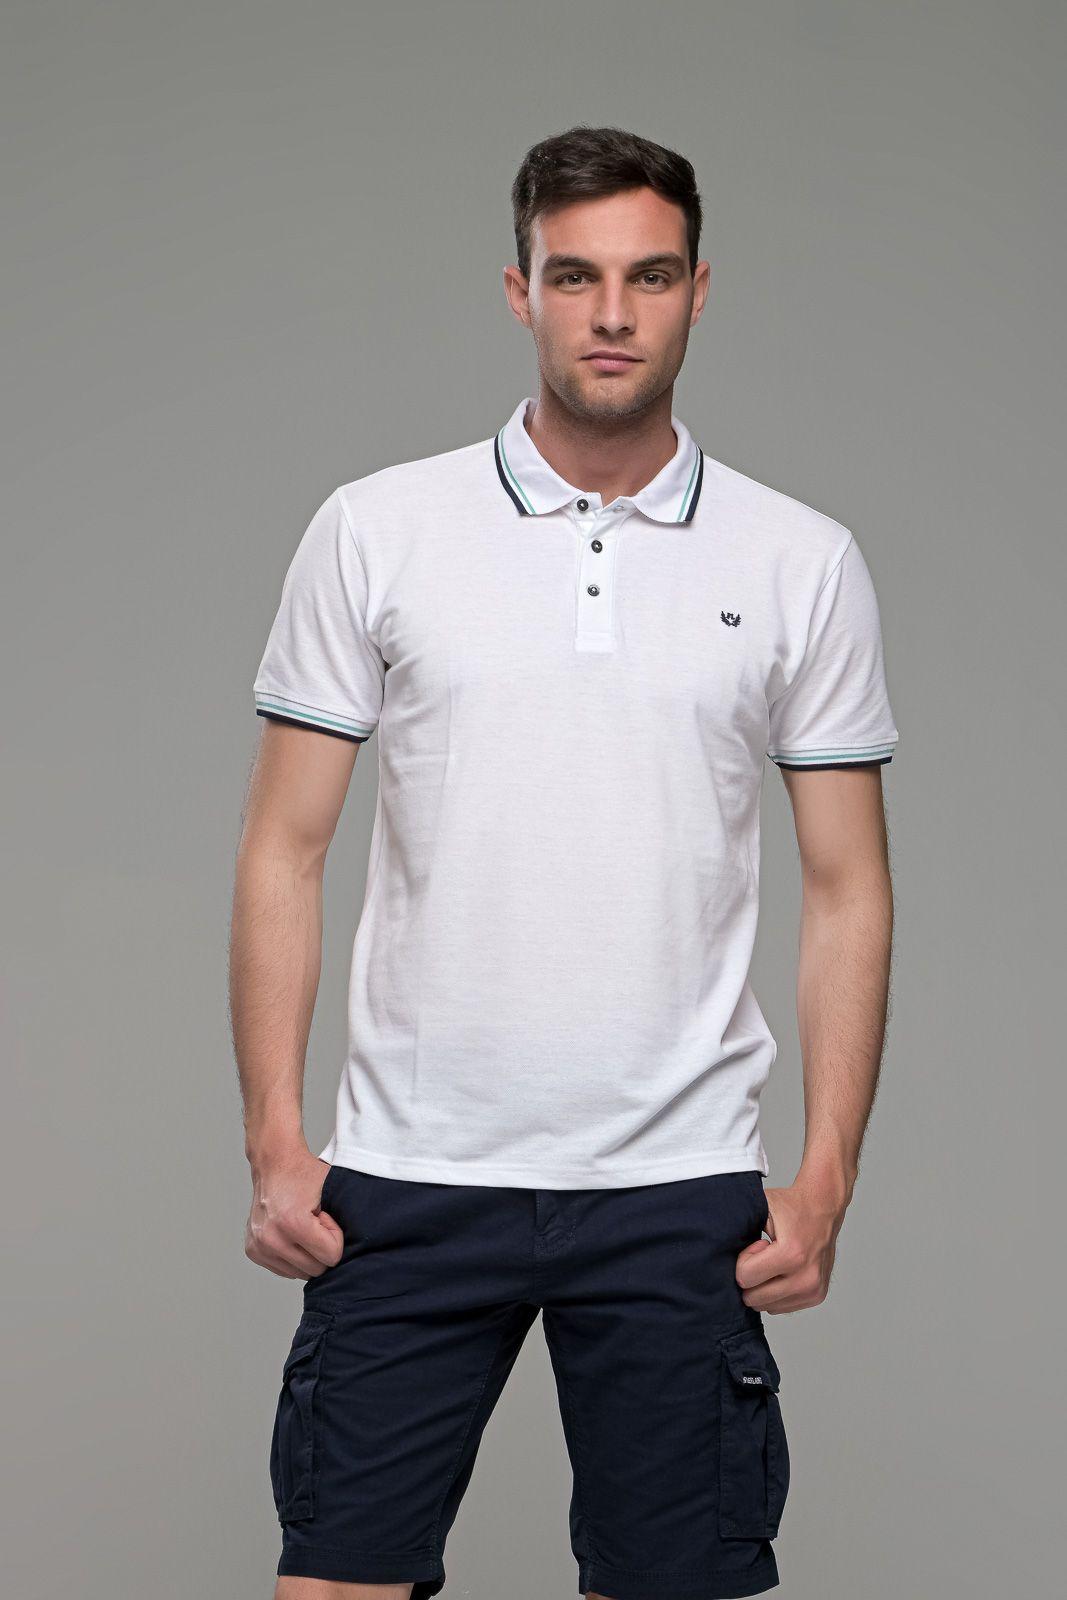 Φθηνό Λευκό Ανδρικό Πόλο Μπλουζάκι με Ρίγα στο Γιακά Καλοκαιρινό Άνετο - Regular Fit